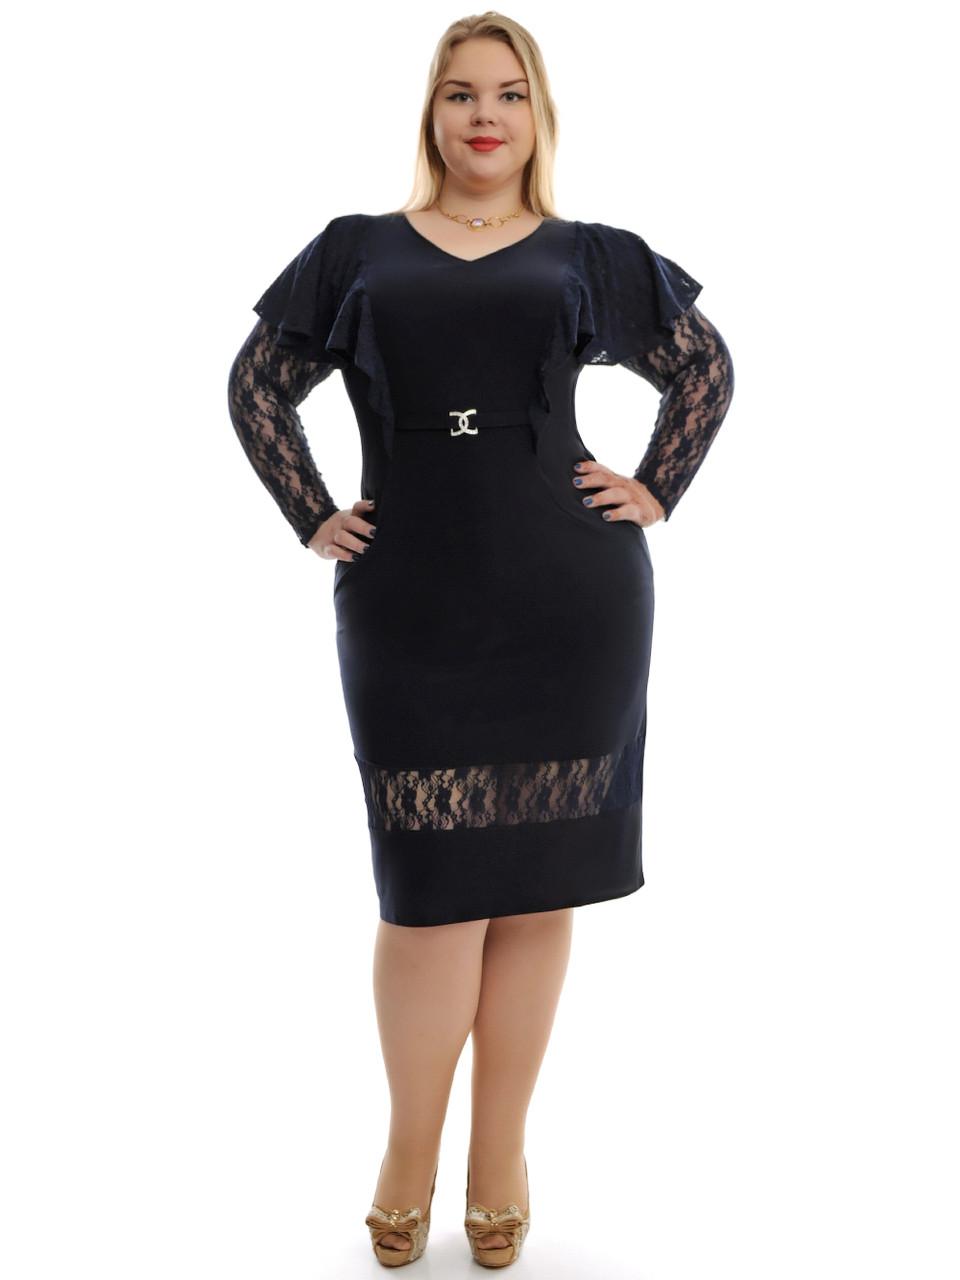 8b37407d57f Женское платье арт 691 (48-74) - Интернет-магазин МОДАСC в Харькове